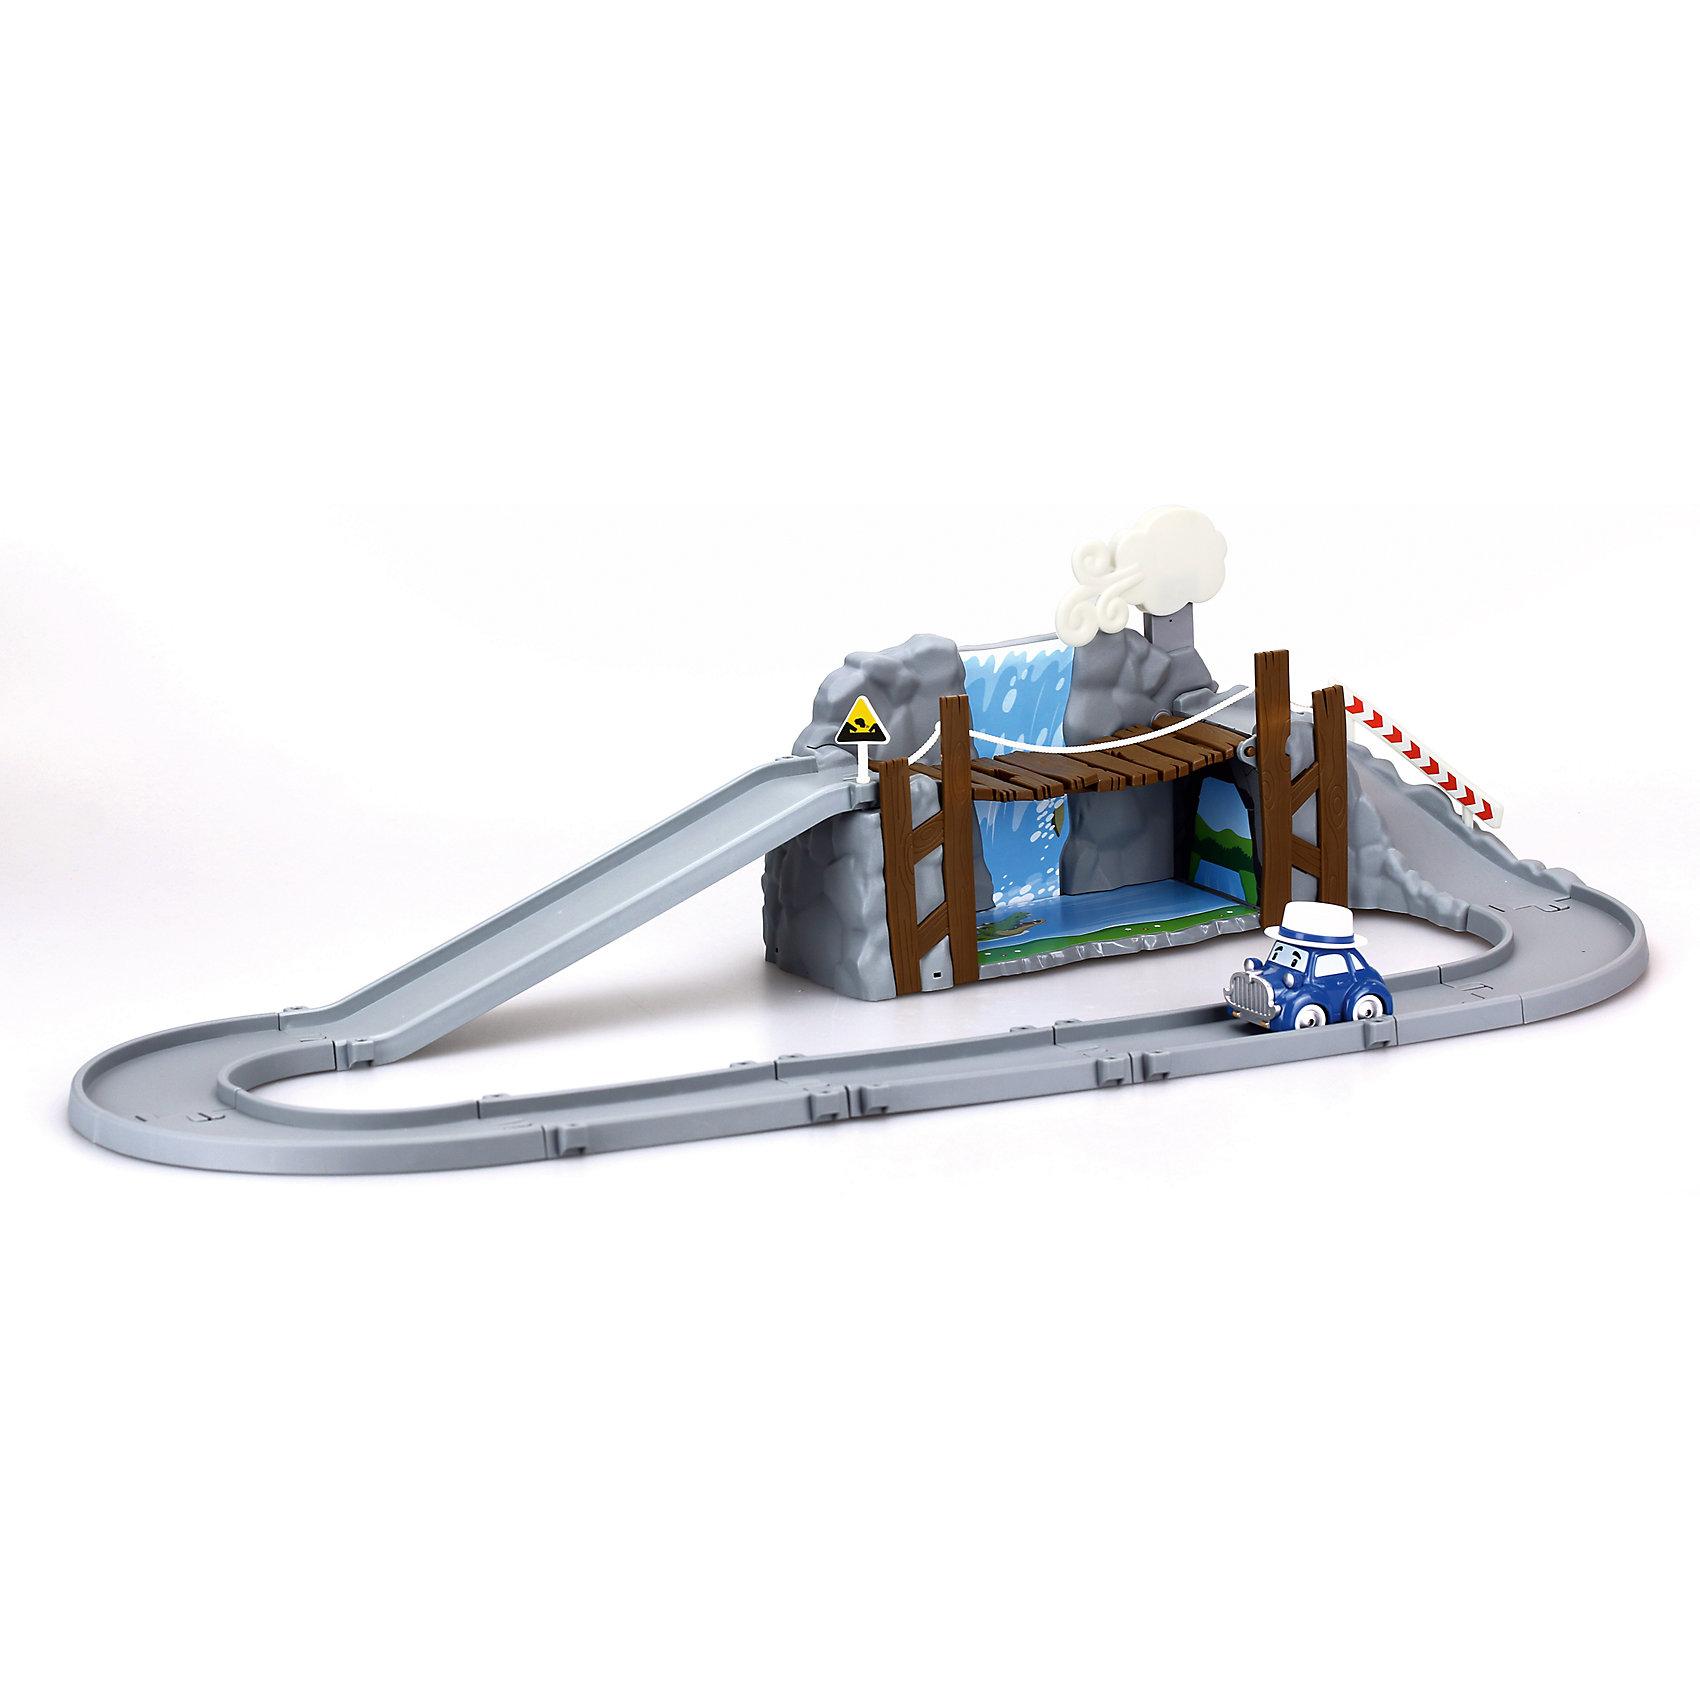 Набор Обрушающийся мост с металлической машинкой, Робокар ПолиХарактеристики товара:<br><br>- цвет: разноцветный;<br>- материал: пластик, металл;<br>- габариты: 36х18х18 см;<br>- комплектация: детали трека, машинка;<br>- вес: 990 г.<br><br>Машинки – безусловные фавориты среди детских игрушек для мальчиков. Набор Обрушающийся мост с металлической машинкой – желанный подарок для малышей. Игрушка выполена в виде героя мультфильма Робокар Поли и его друзья, она отлично детализирована. Трек для машинки можно собрать из деталей - и мост на нем будет обрушиваться, если нажать на облако! Материалы, использованные при создании изготовлении изделия, полностью безопасны и отвечают всем международным требованиям по качеству детских товаров.<br><br>Набор Обрушающийся мост с металлической машинкой из серии Робокар Поли можно купить в нашем интернет-магазине.<br><br>Ширина мм: 170<br>Глубина мм: 350<br>Высота мм: 17<br>Вес г: 986<br>Возраст от месяцев: 36<br>Возраст до месяцев: 2147483647<br>Пол: Унисекс<br>Возраст: Детский<br>SKU: 5106283